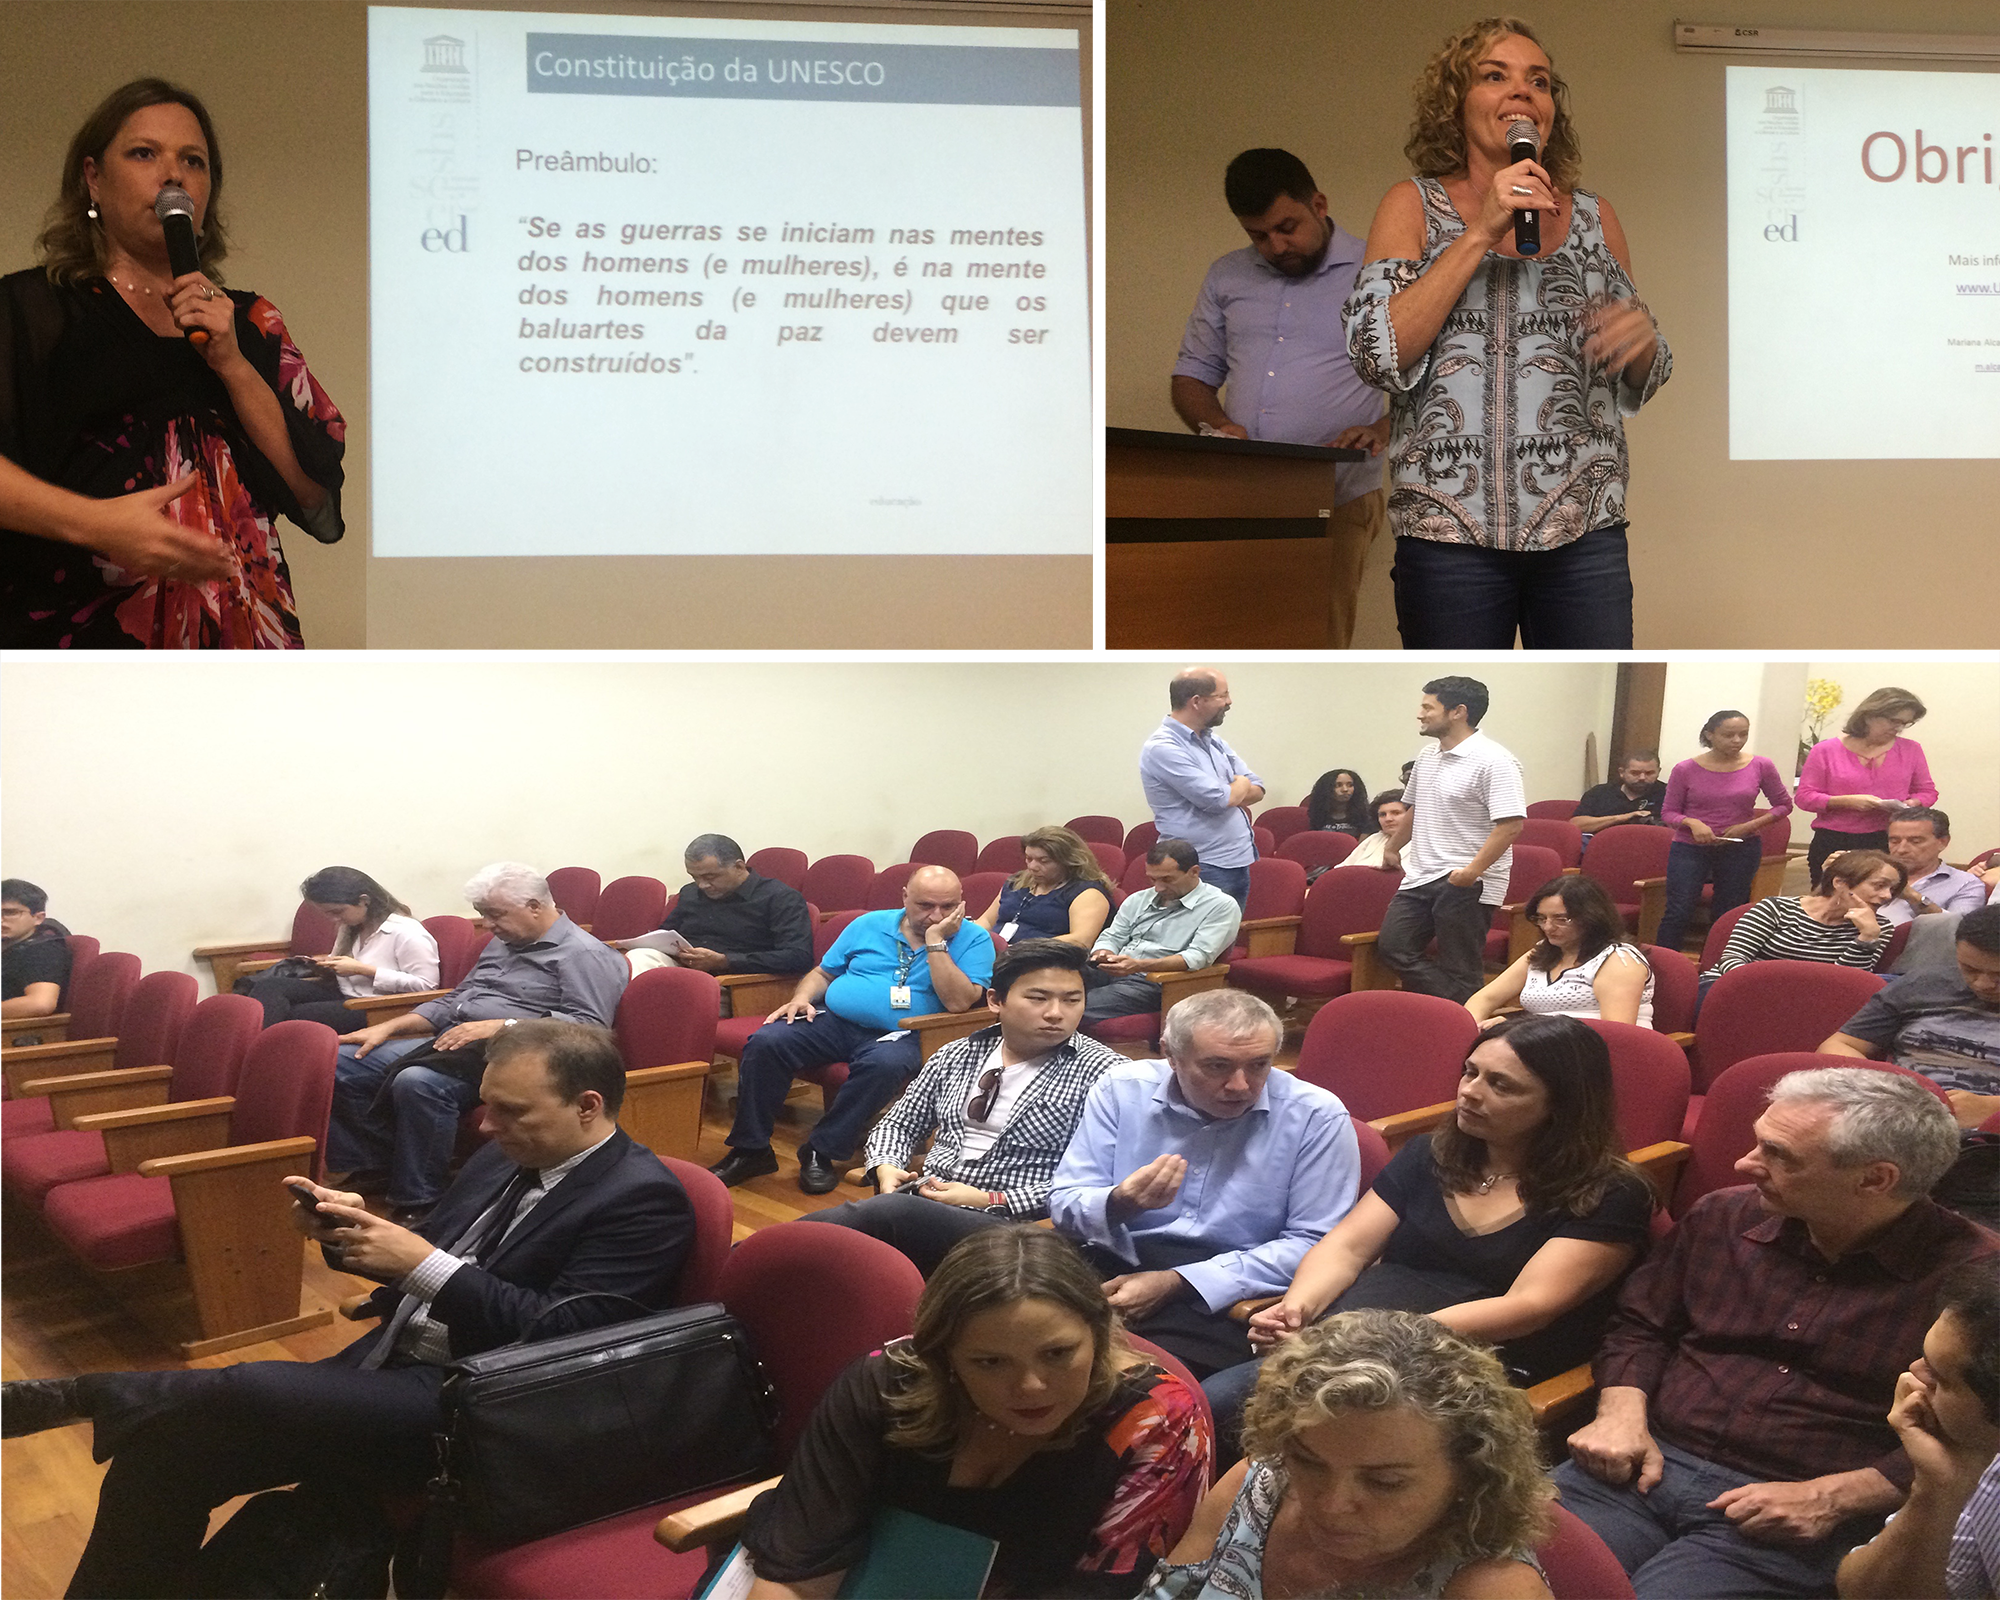 iOpera no evento da SEME e UNESCO - Mariana Alcalay & Silvia Vidor de Sousa Reis